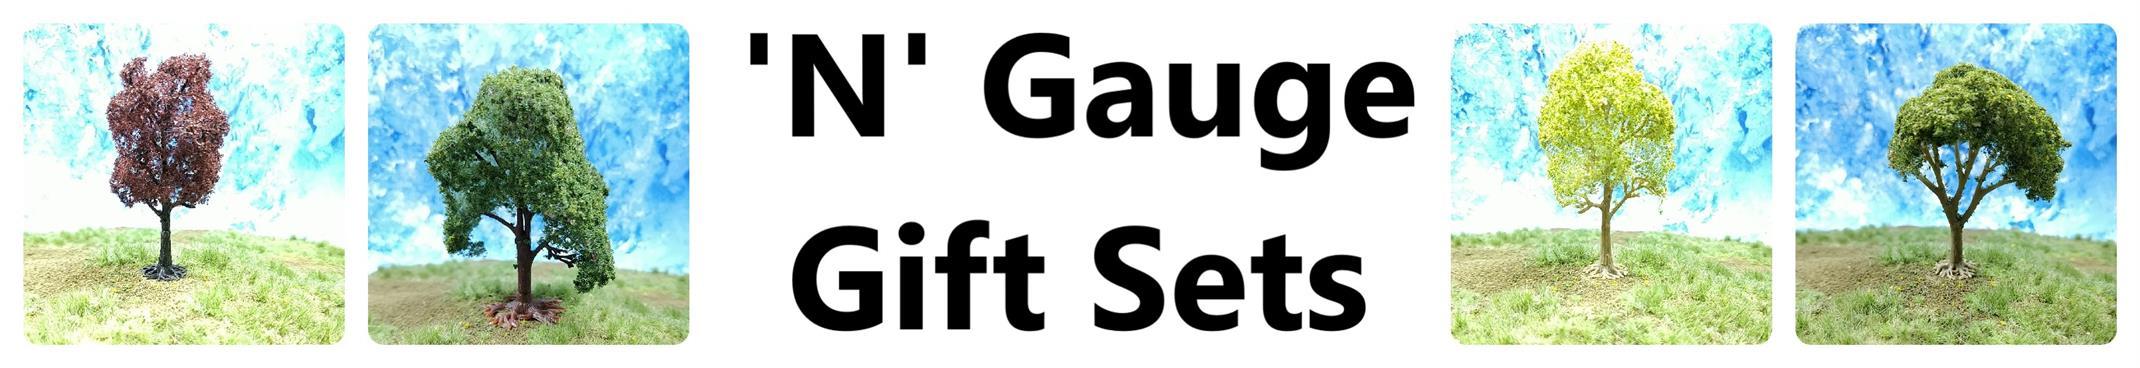 N Gauge Gift Sets